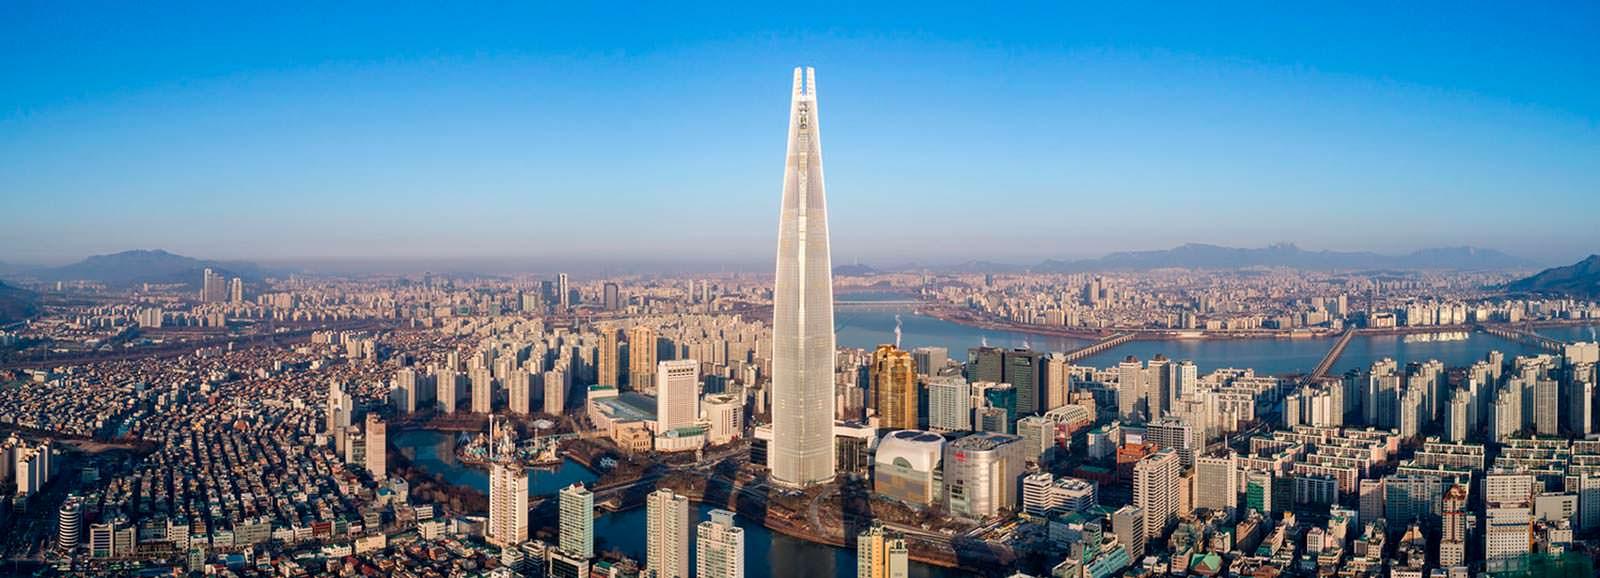 Самый высокий небоскреб Сеула Lotte World Tower: №5 в мире